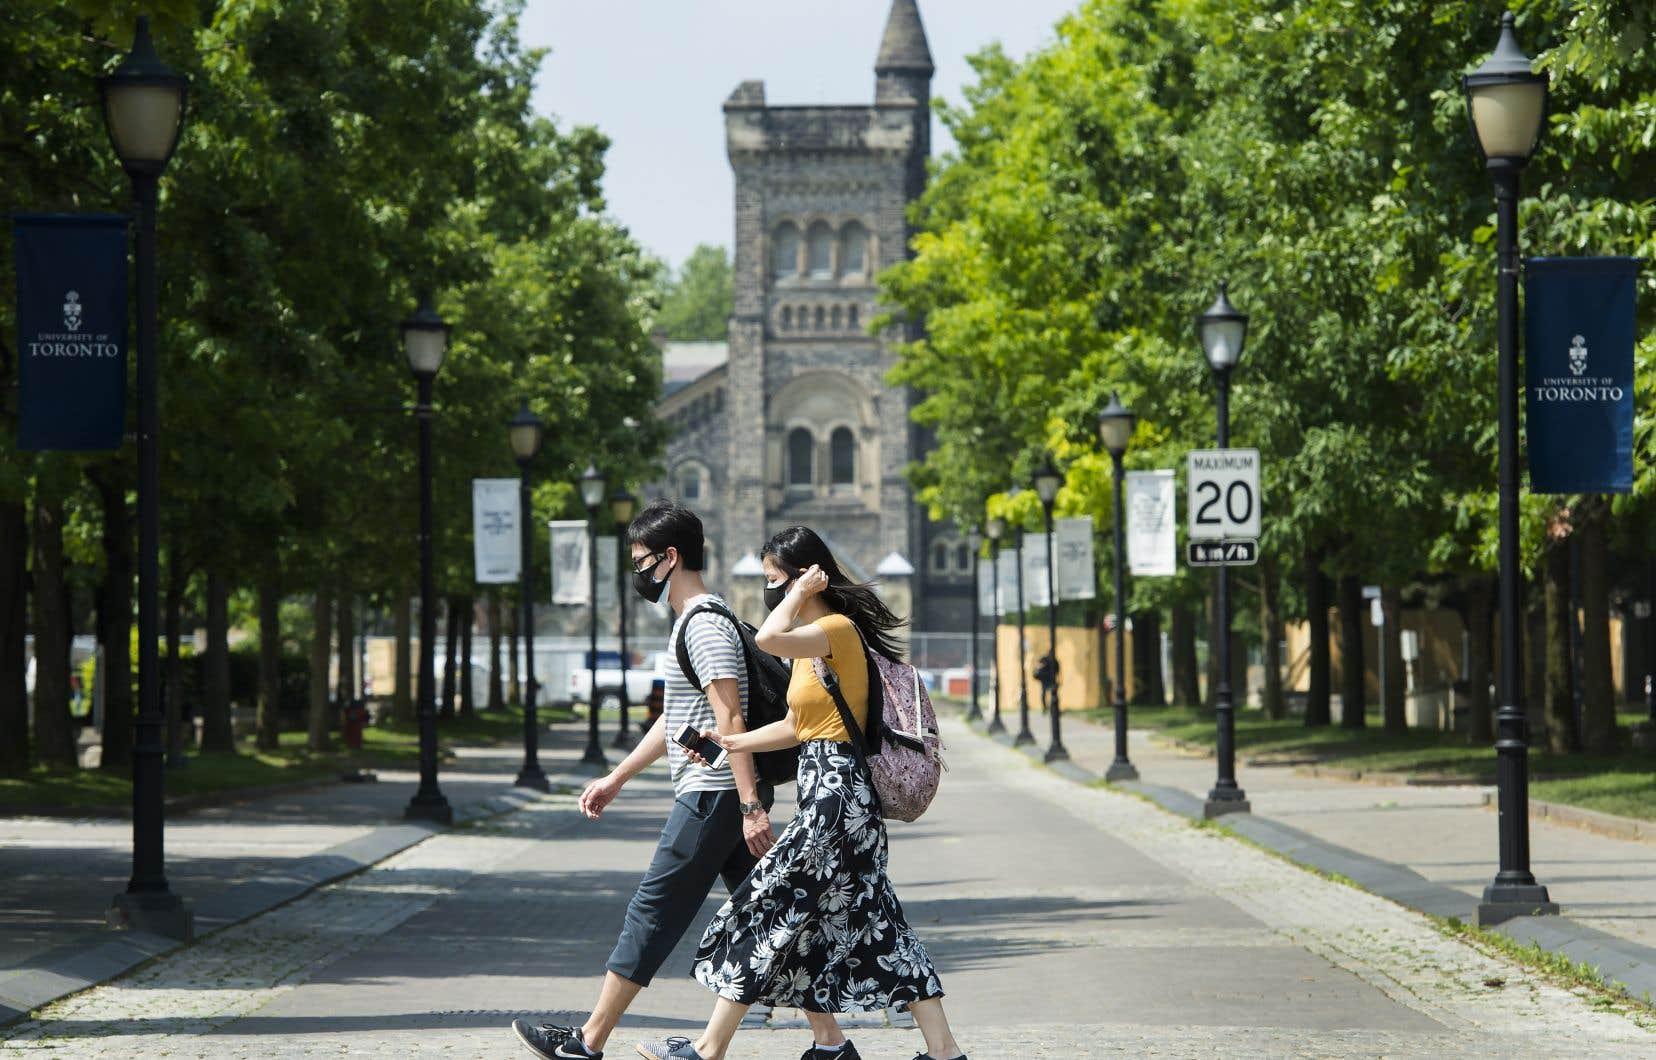 Les nouveaux étudiants en provenance des États-Unis n'auront peut-être plus besoin d'un permis d'études délivré avant le 18 mars pour entrer au Canada.